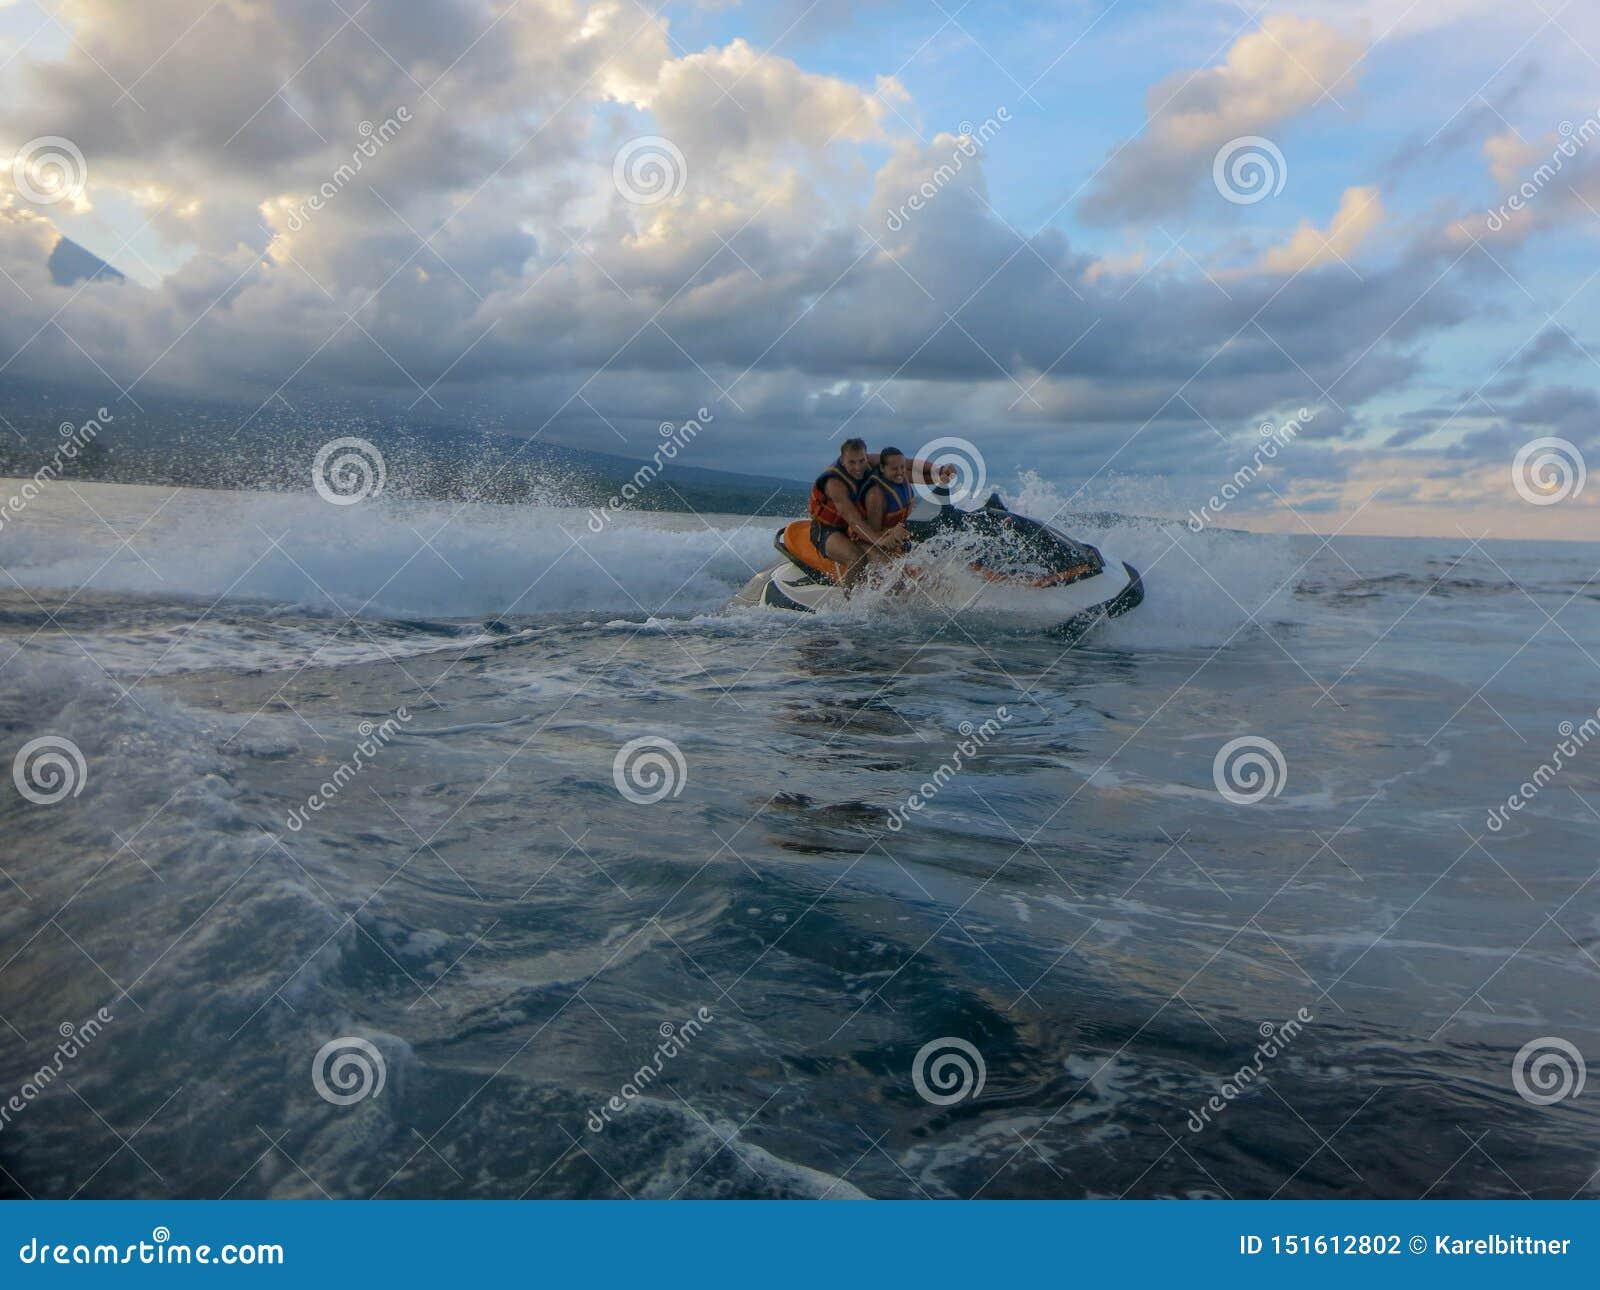 漂移横跨海表面的年轻人和妇女 喷气机滑雪的人们获得乐趣在海洋 在行动的司机在飞溅水期间